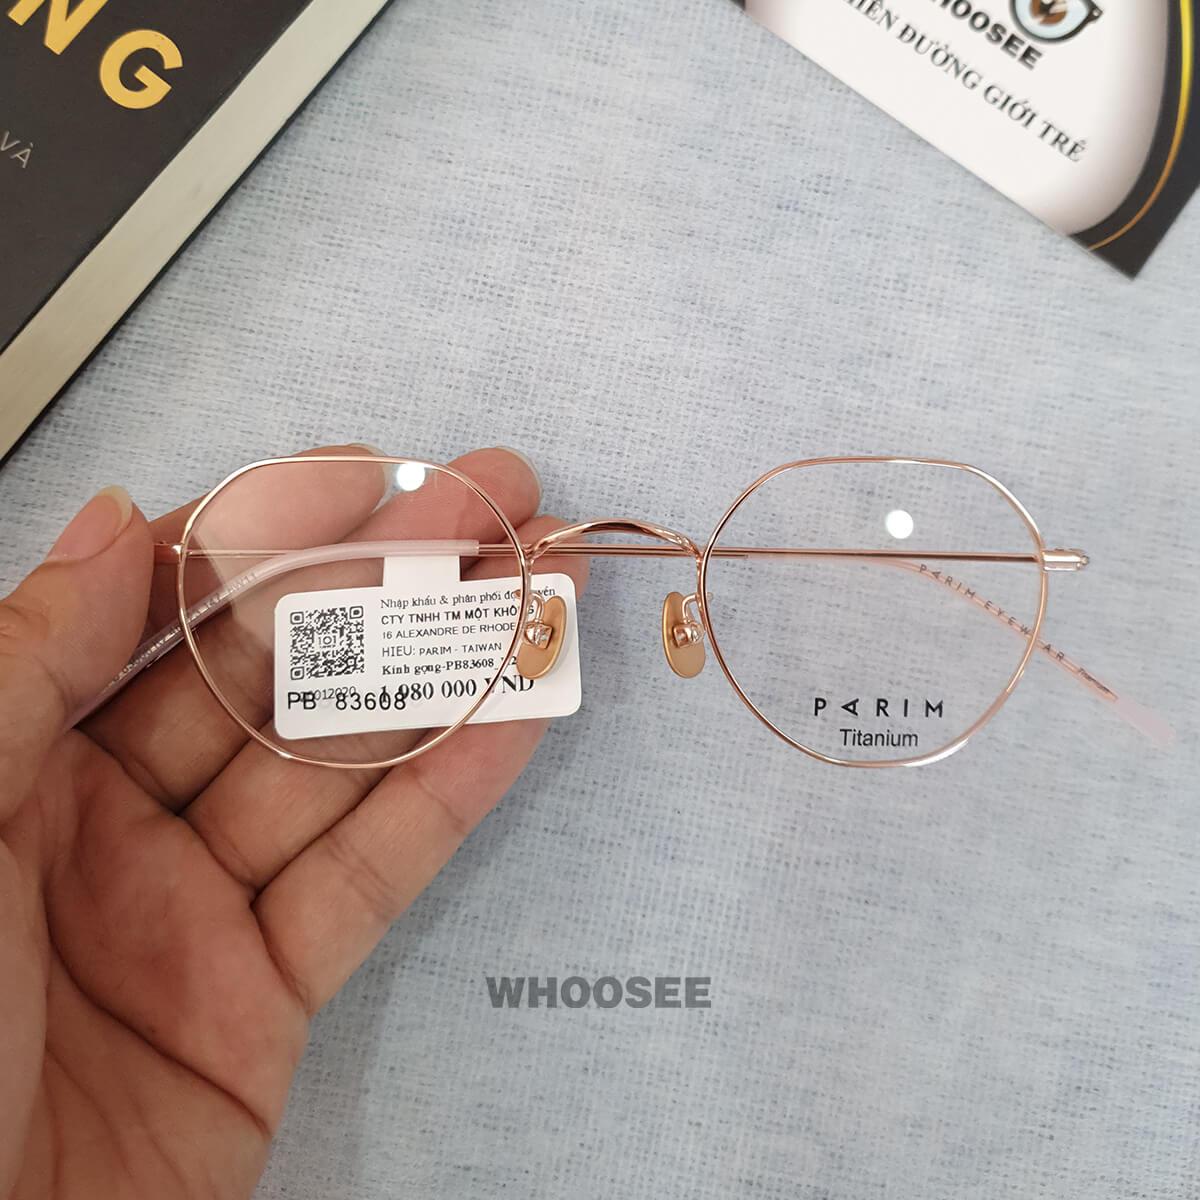 Gọng kính cận kim loại PB83608 Parim